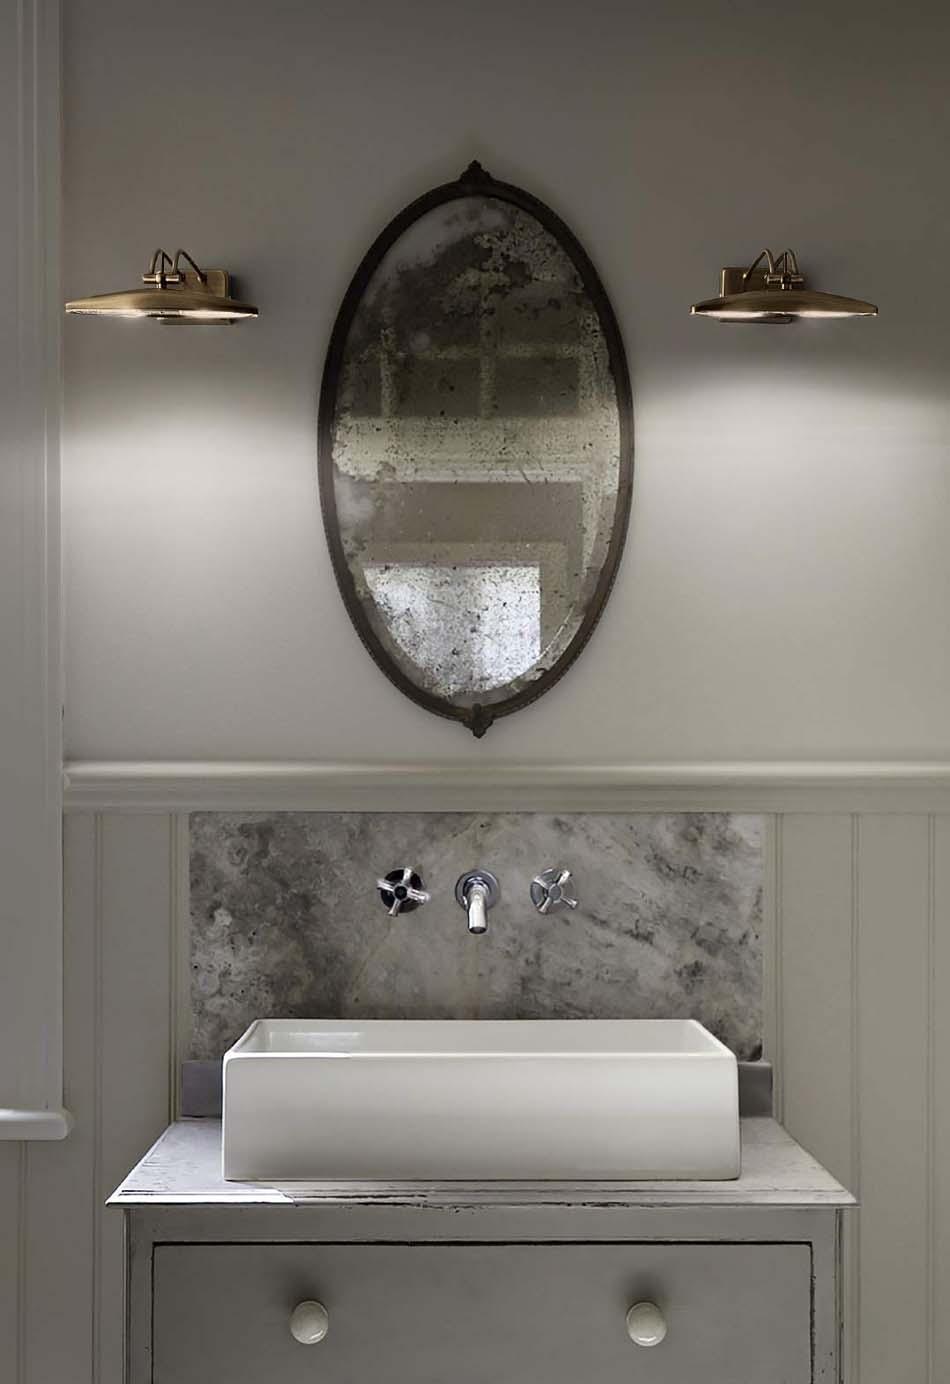 Lampade 31 parete soffitto Ideal Lux Mirror-20 – Bruni Arredamenti